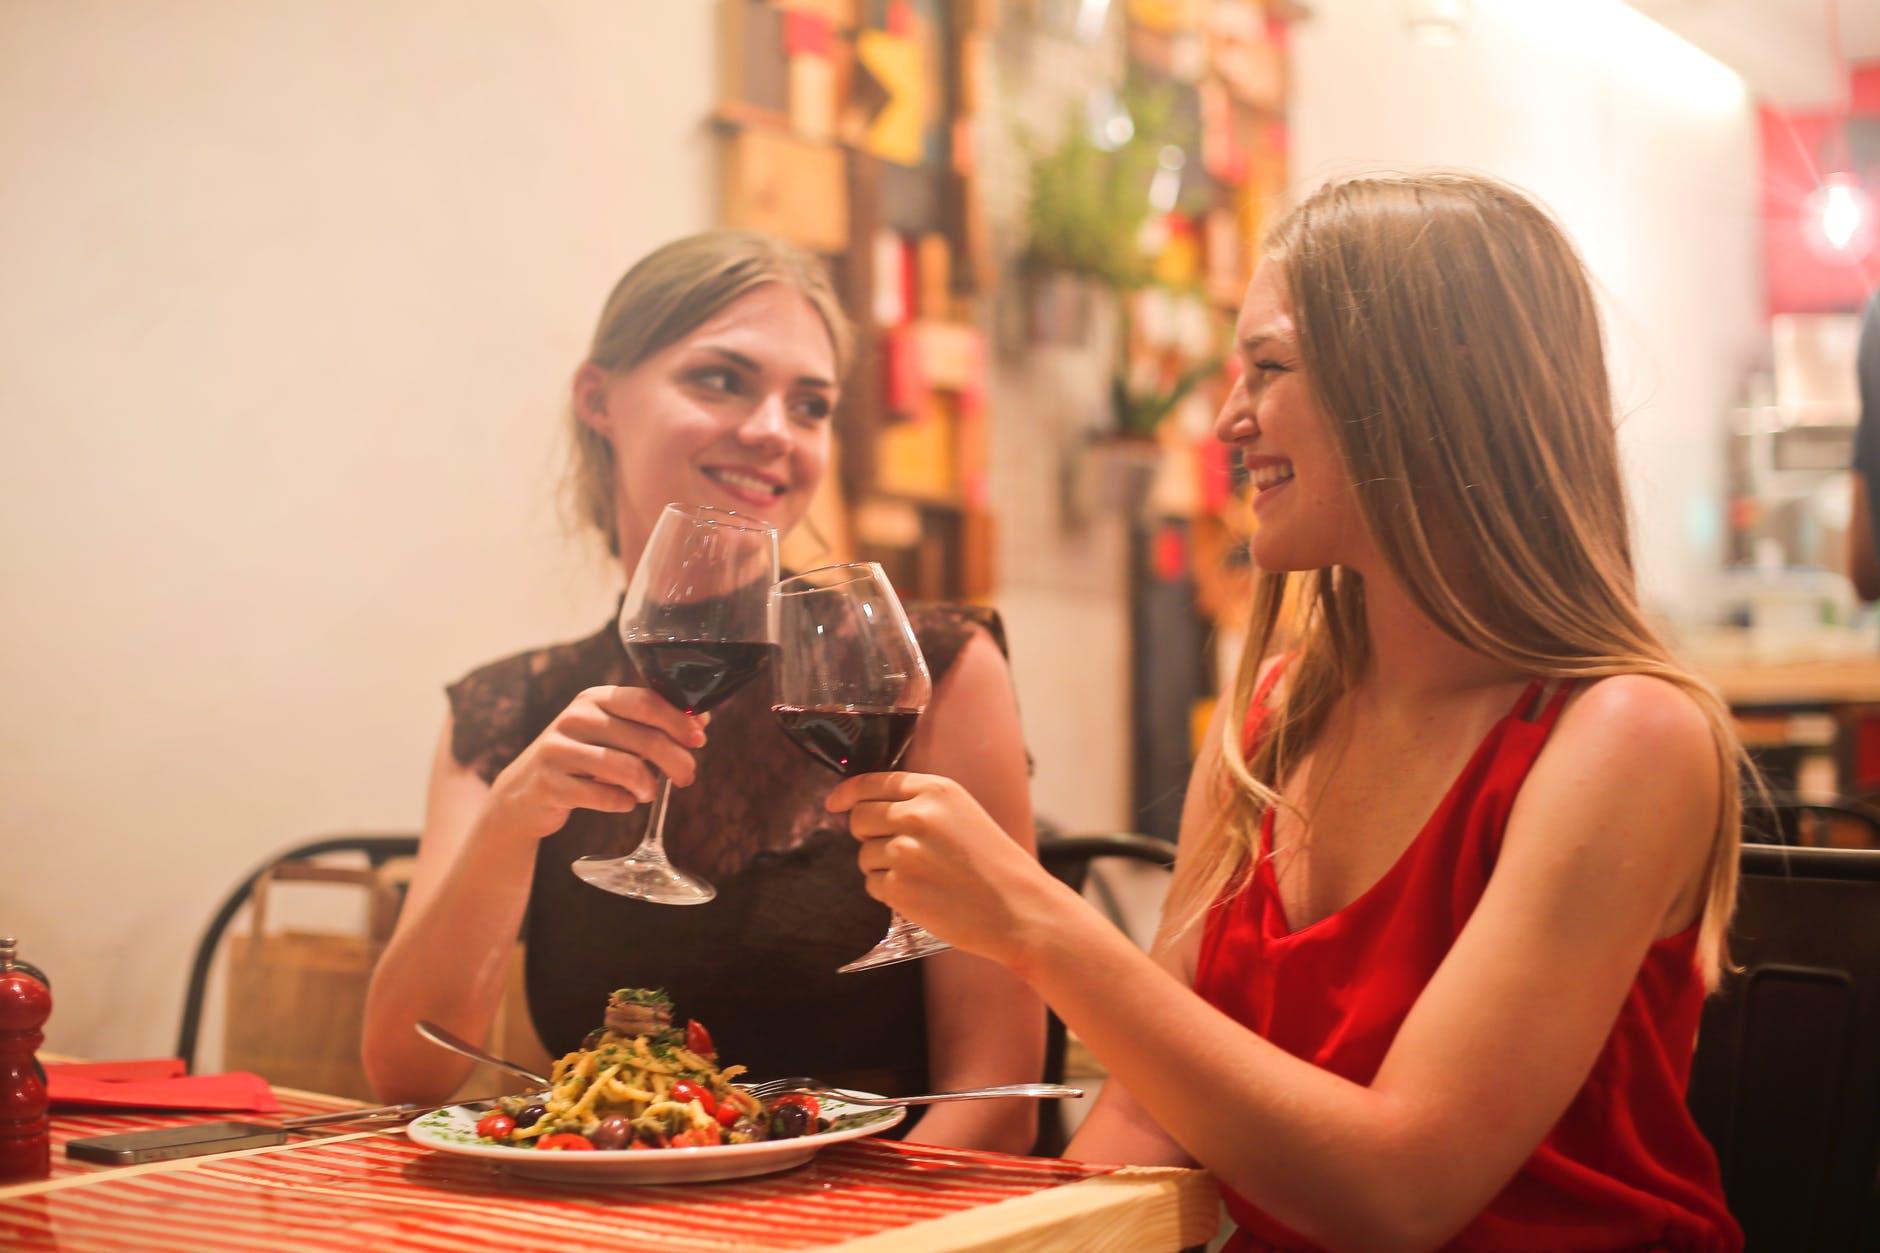 豪華芸能人の食事法を学んでもっと健康的な毎日を!